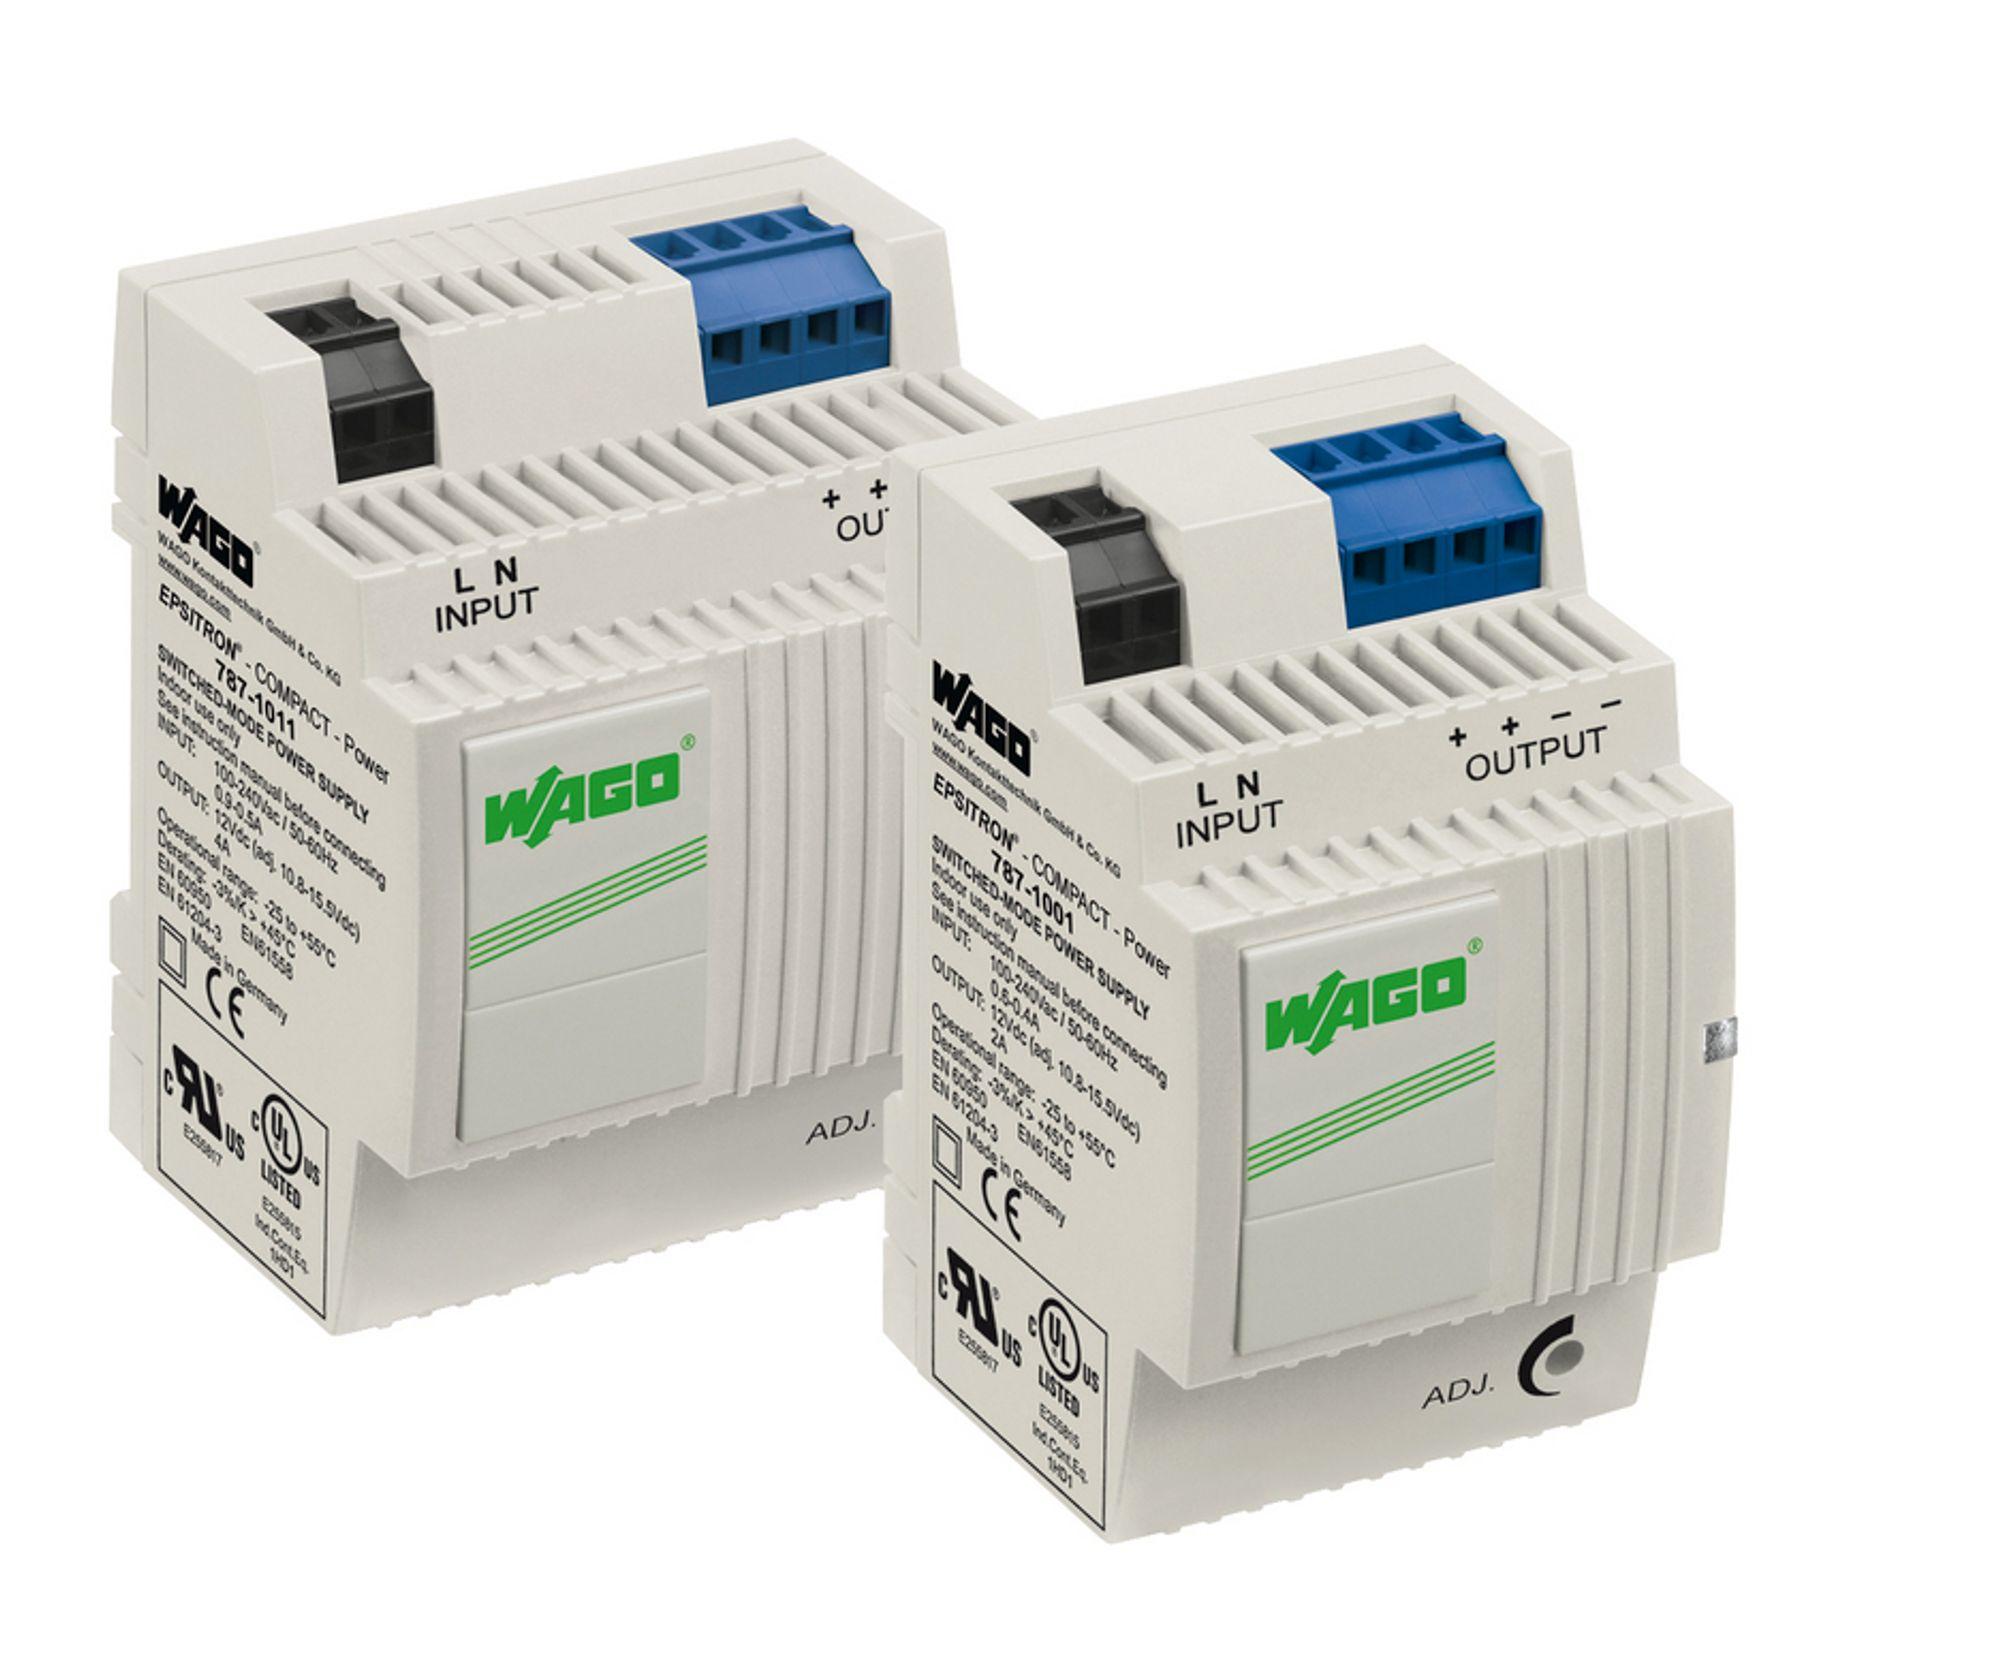 Kompakte strømforsyninger